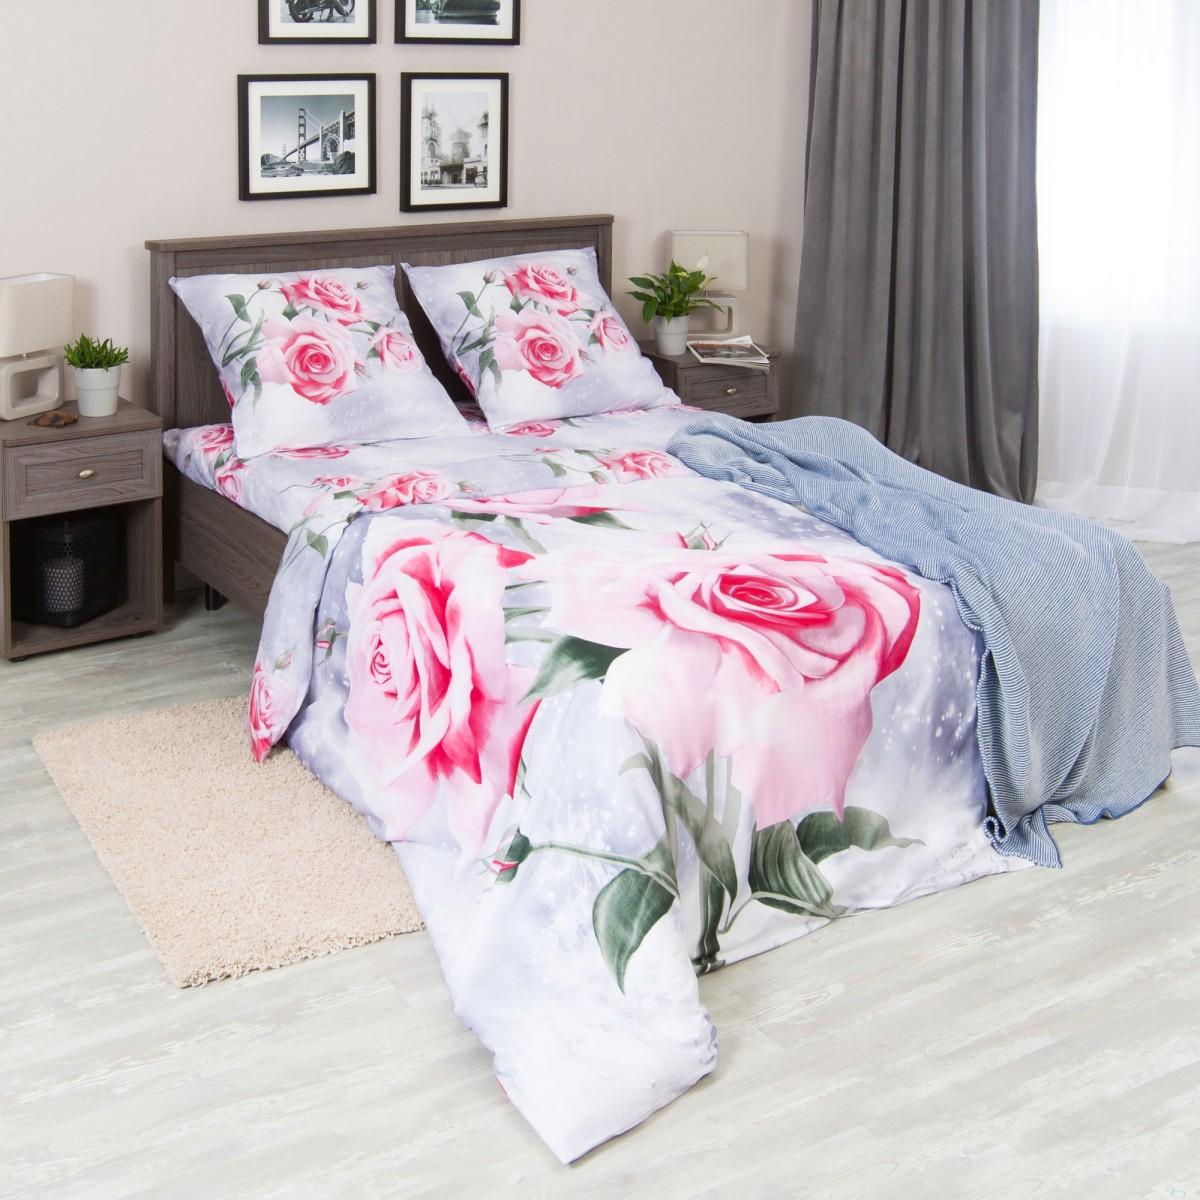 Комплект Постельного Белья Розовая Роза Полутораспальный Сатин